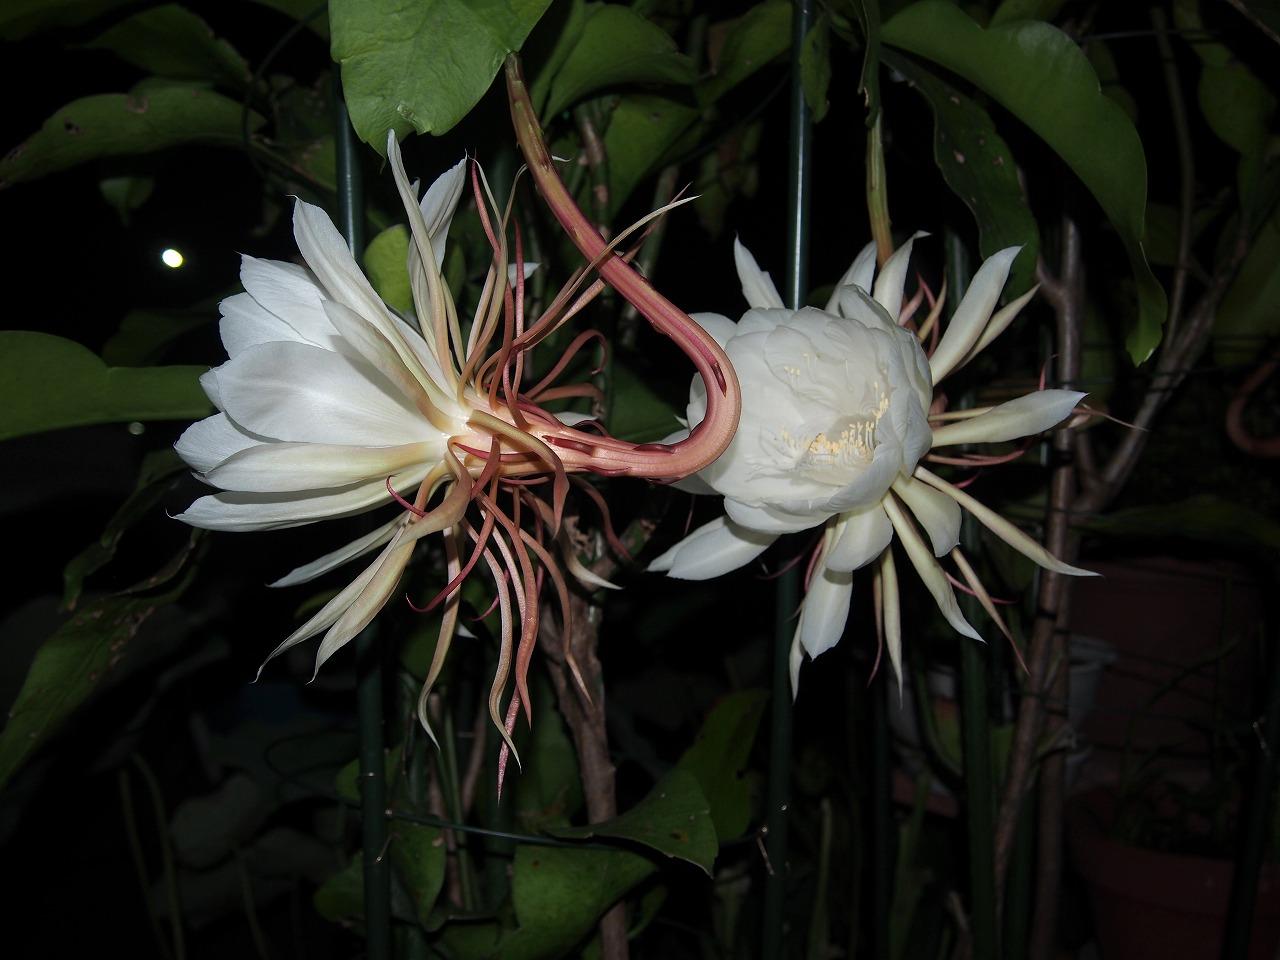 20160720-EpiphyllumOxypetalum-O05.jpg